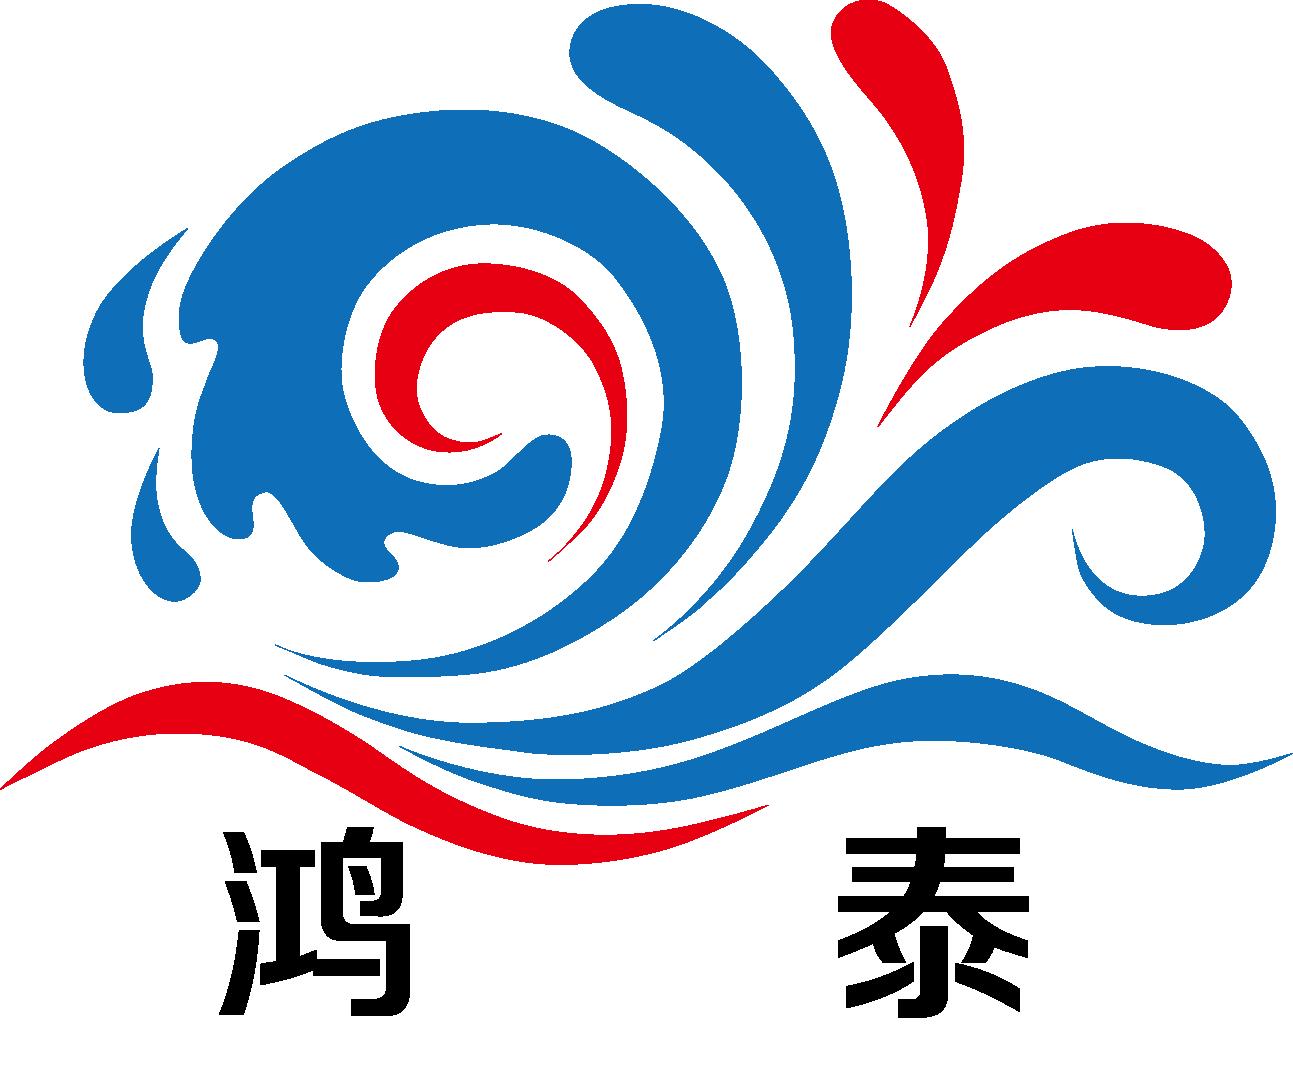 大連鴻泰海洋資源資產價格評估有限公司